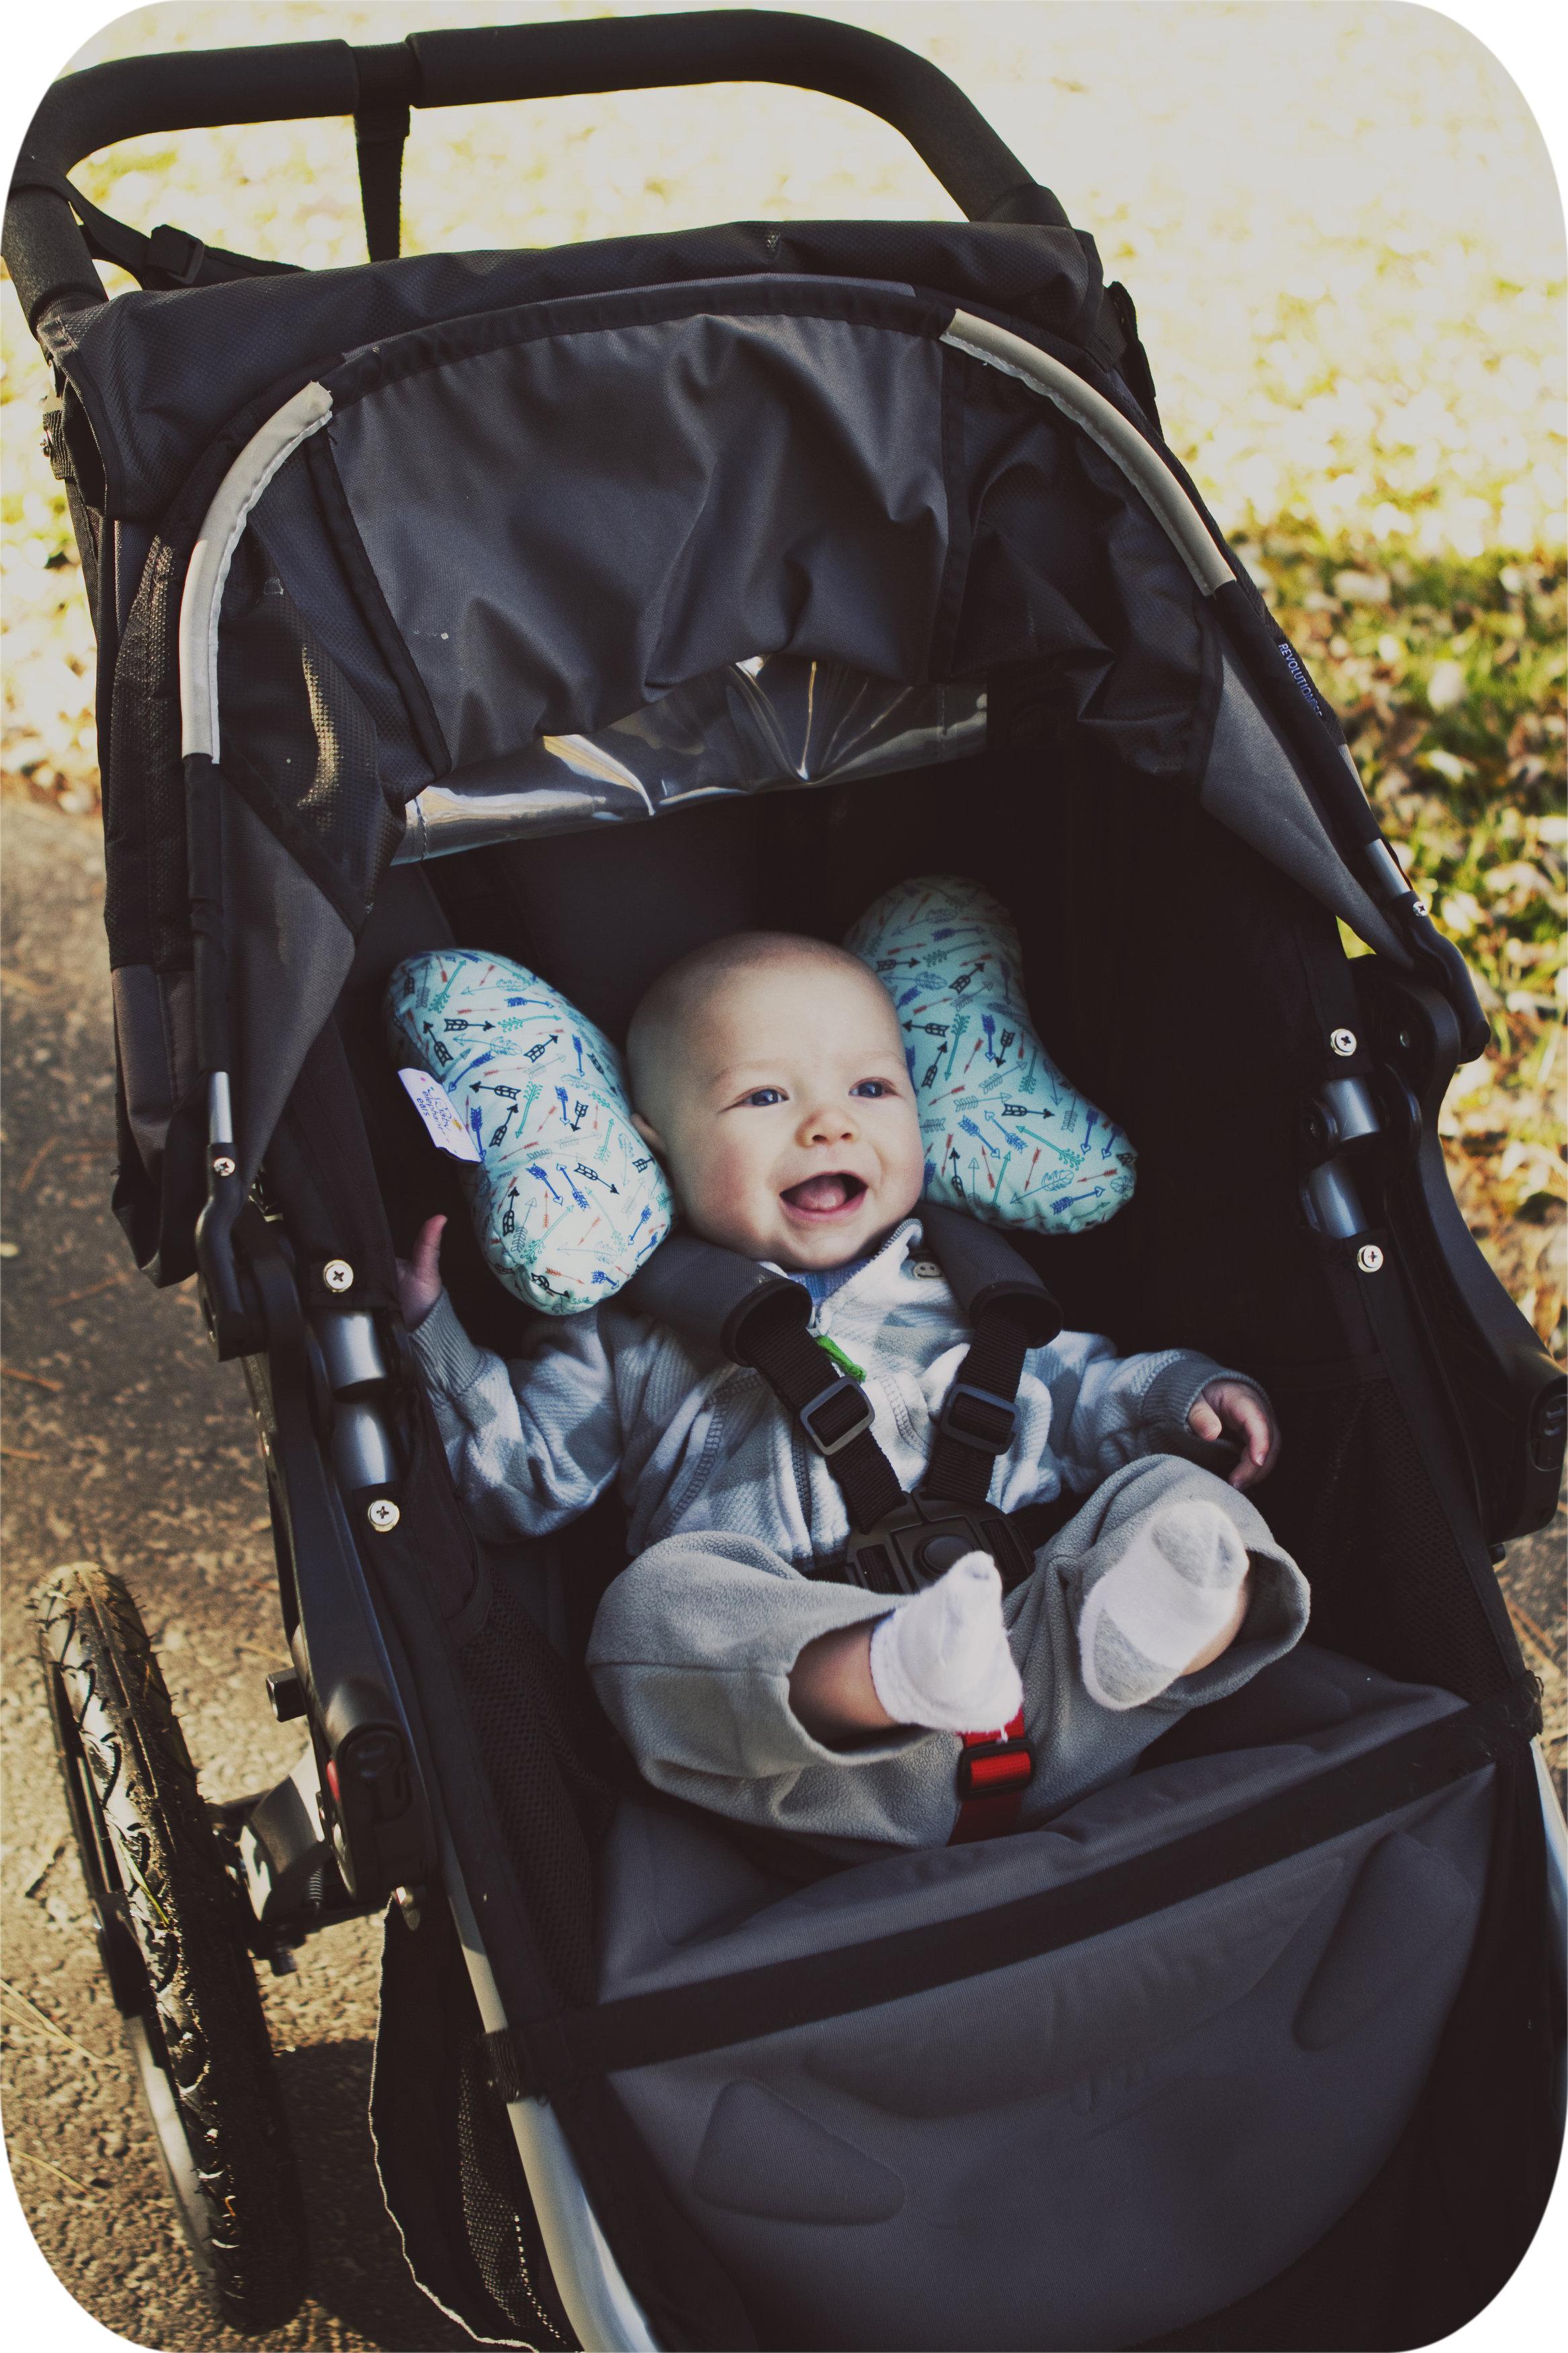 new-stroller-image.jpg